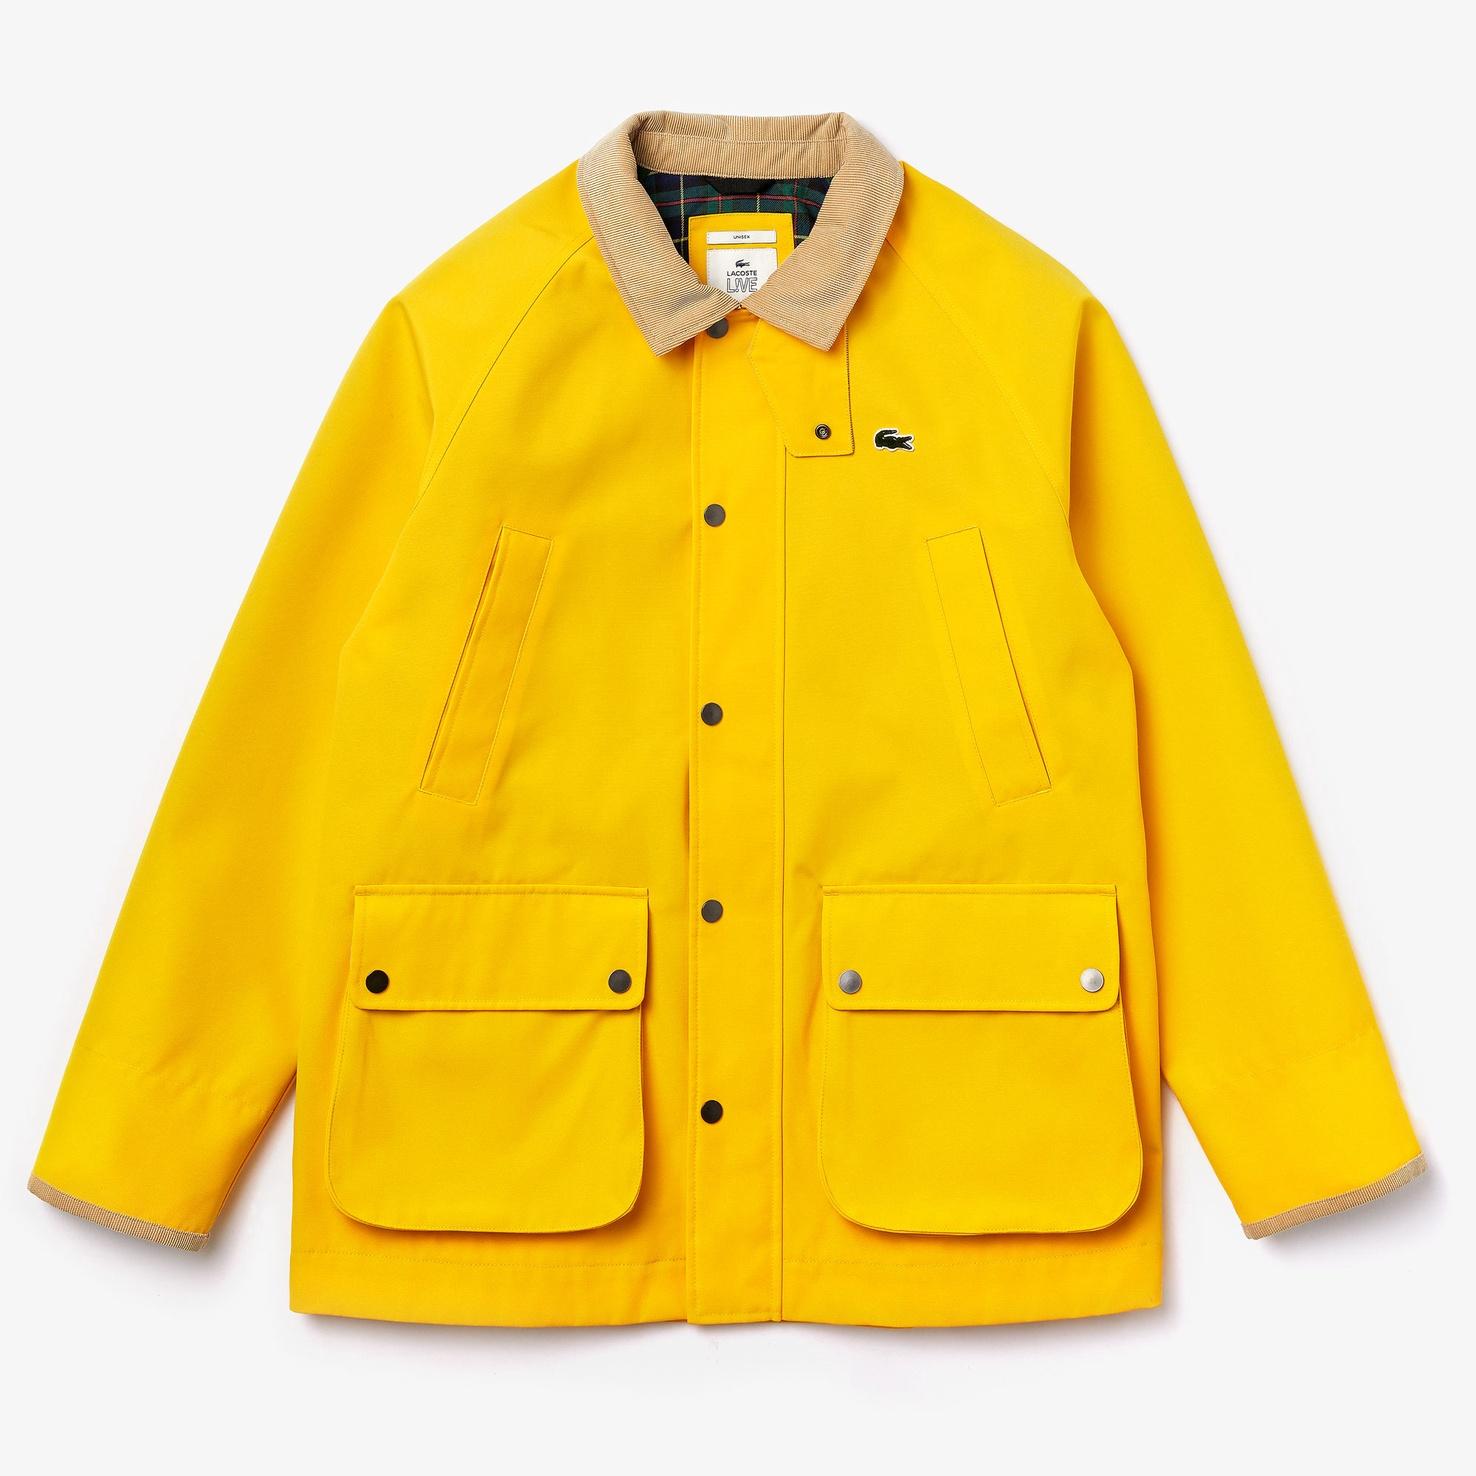 LACOSTE L!VE ユニセックス キャンバスフィールドジャケット